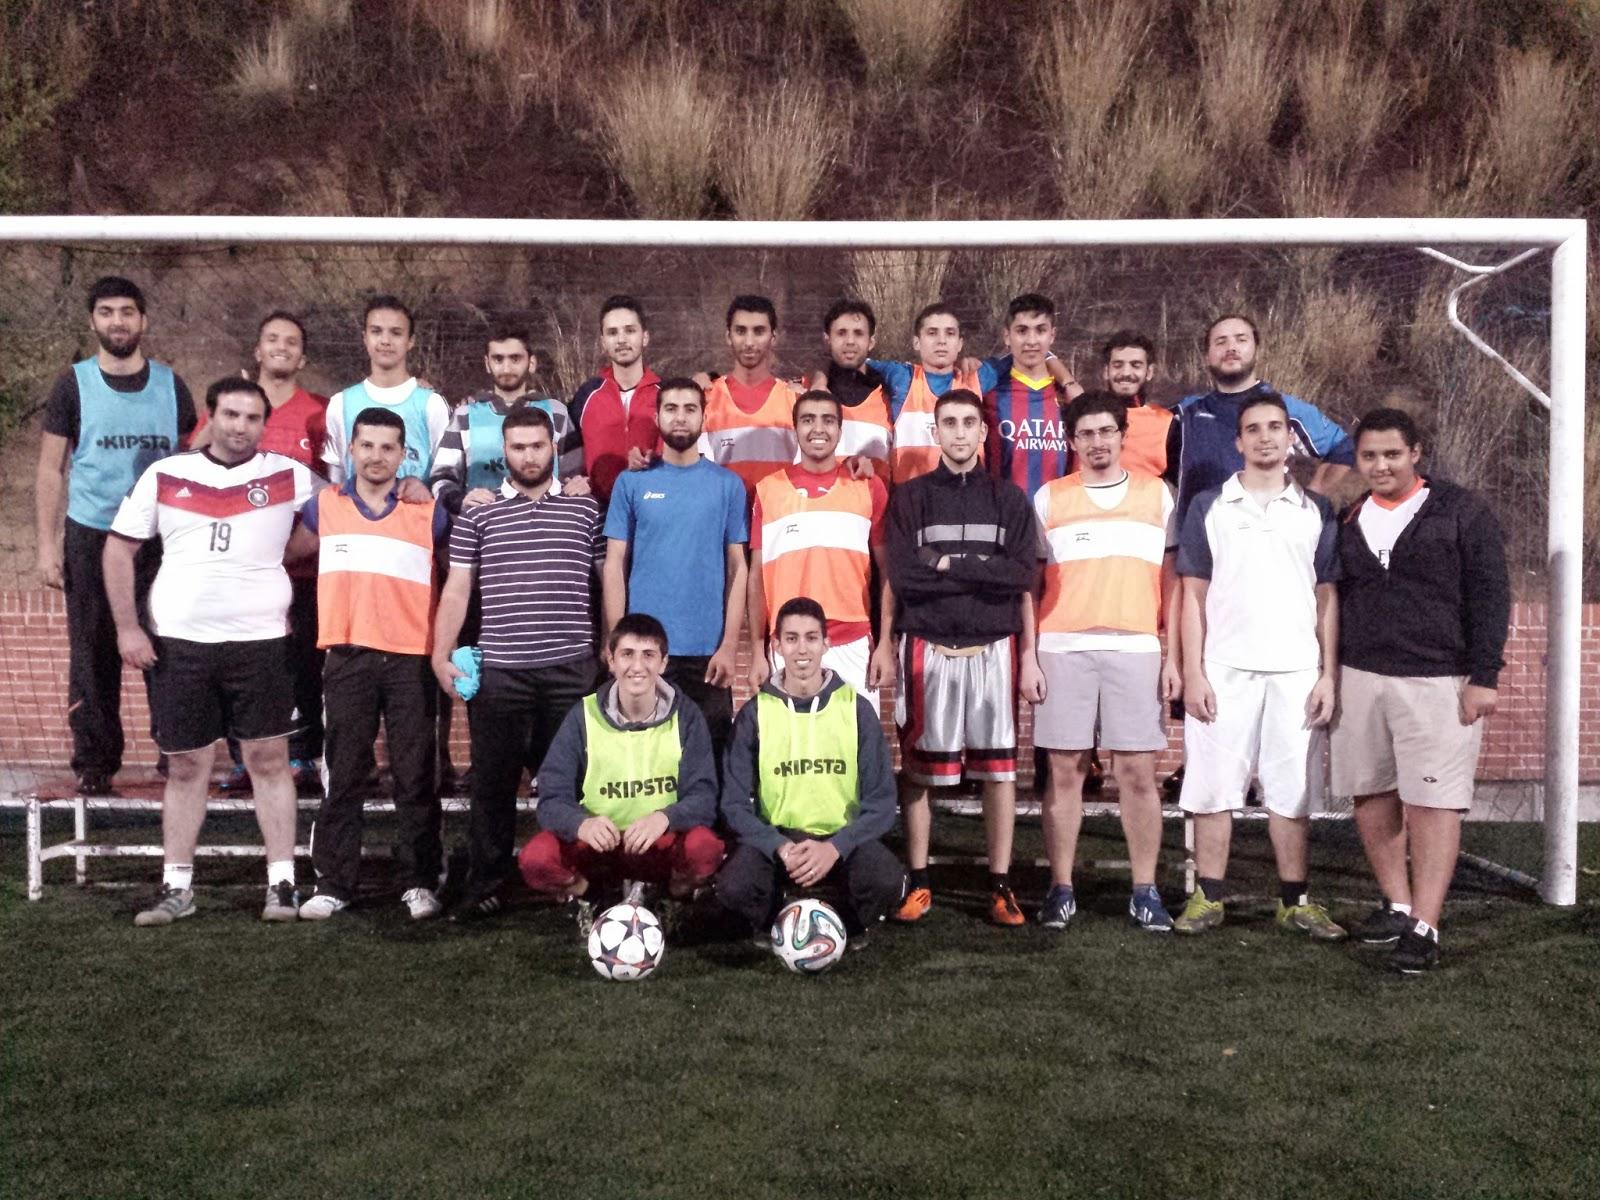 El equipo de futbol Al Aman de Madrid celebra su tercer aniversario